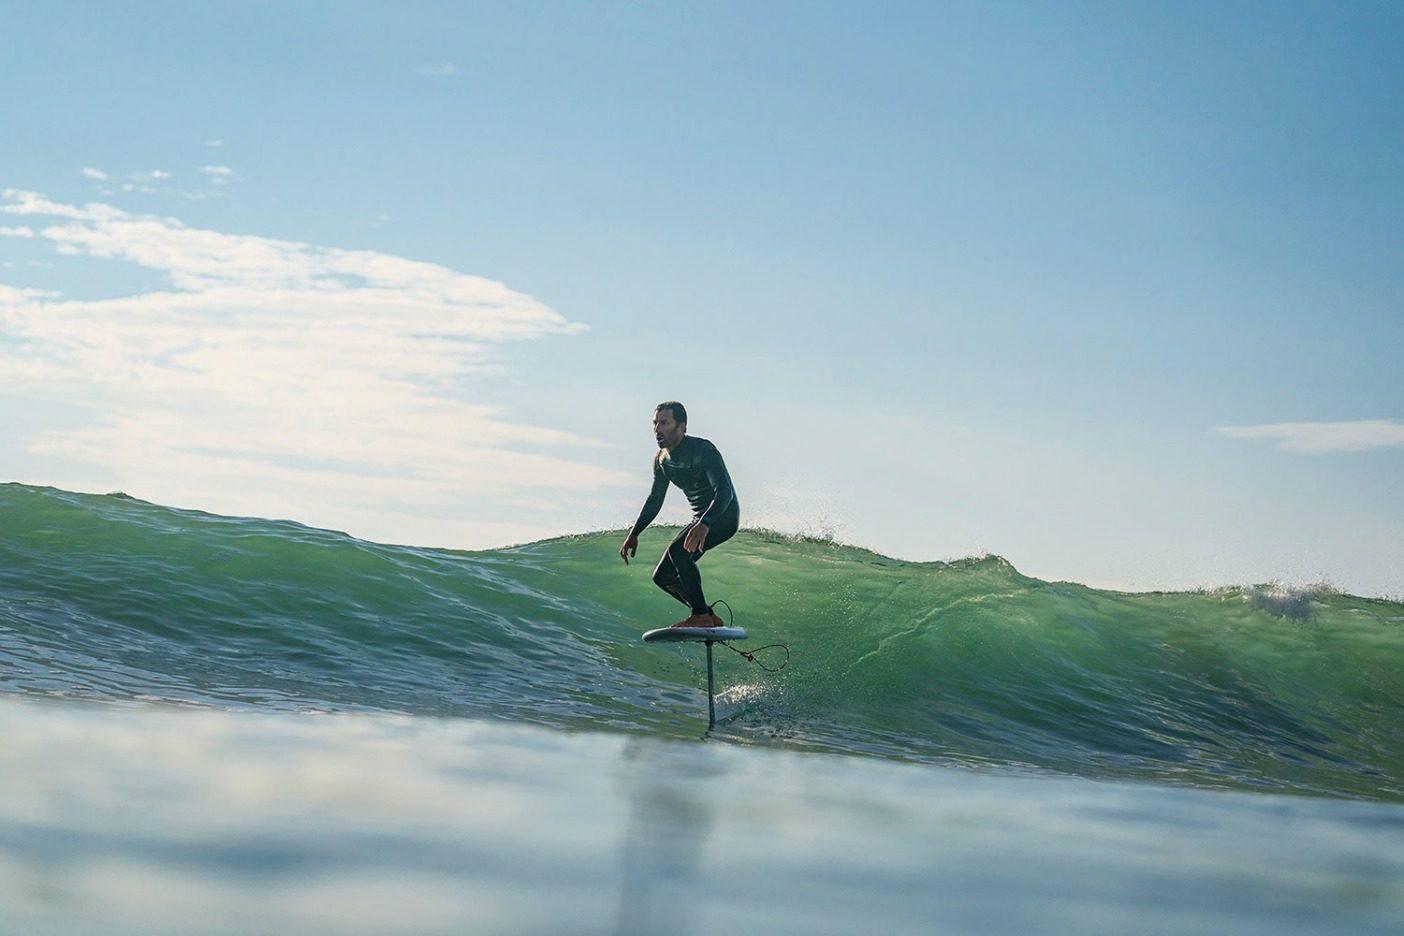 シェイピングしたら、すぐサーフィン。自分の工房から数分の場所で、即座にデザインのデータを集めるフレッチャー・シュイナード。カリフォルニア州ベンチュラ郡 Photo: Scott Soens